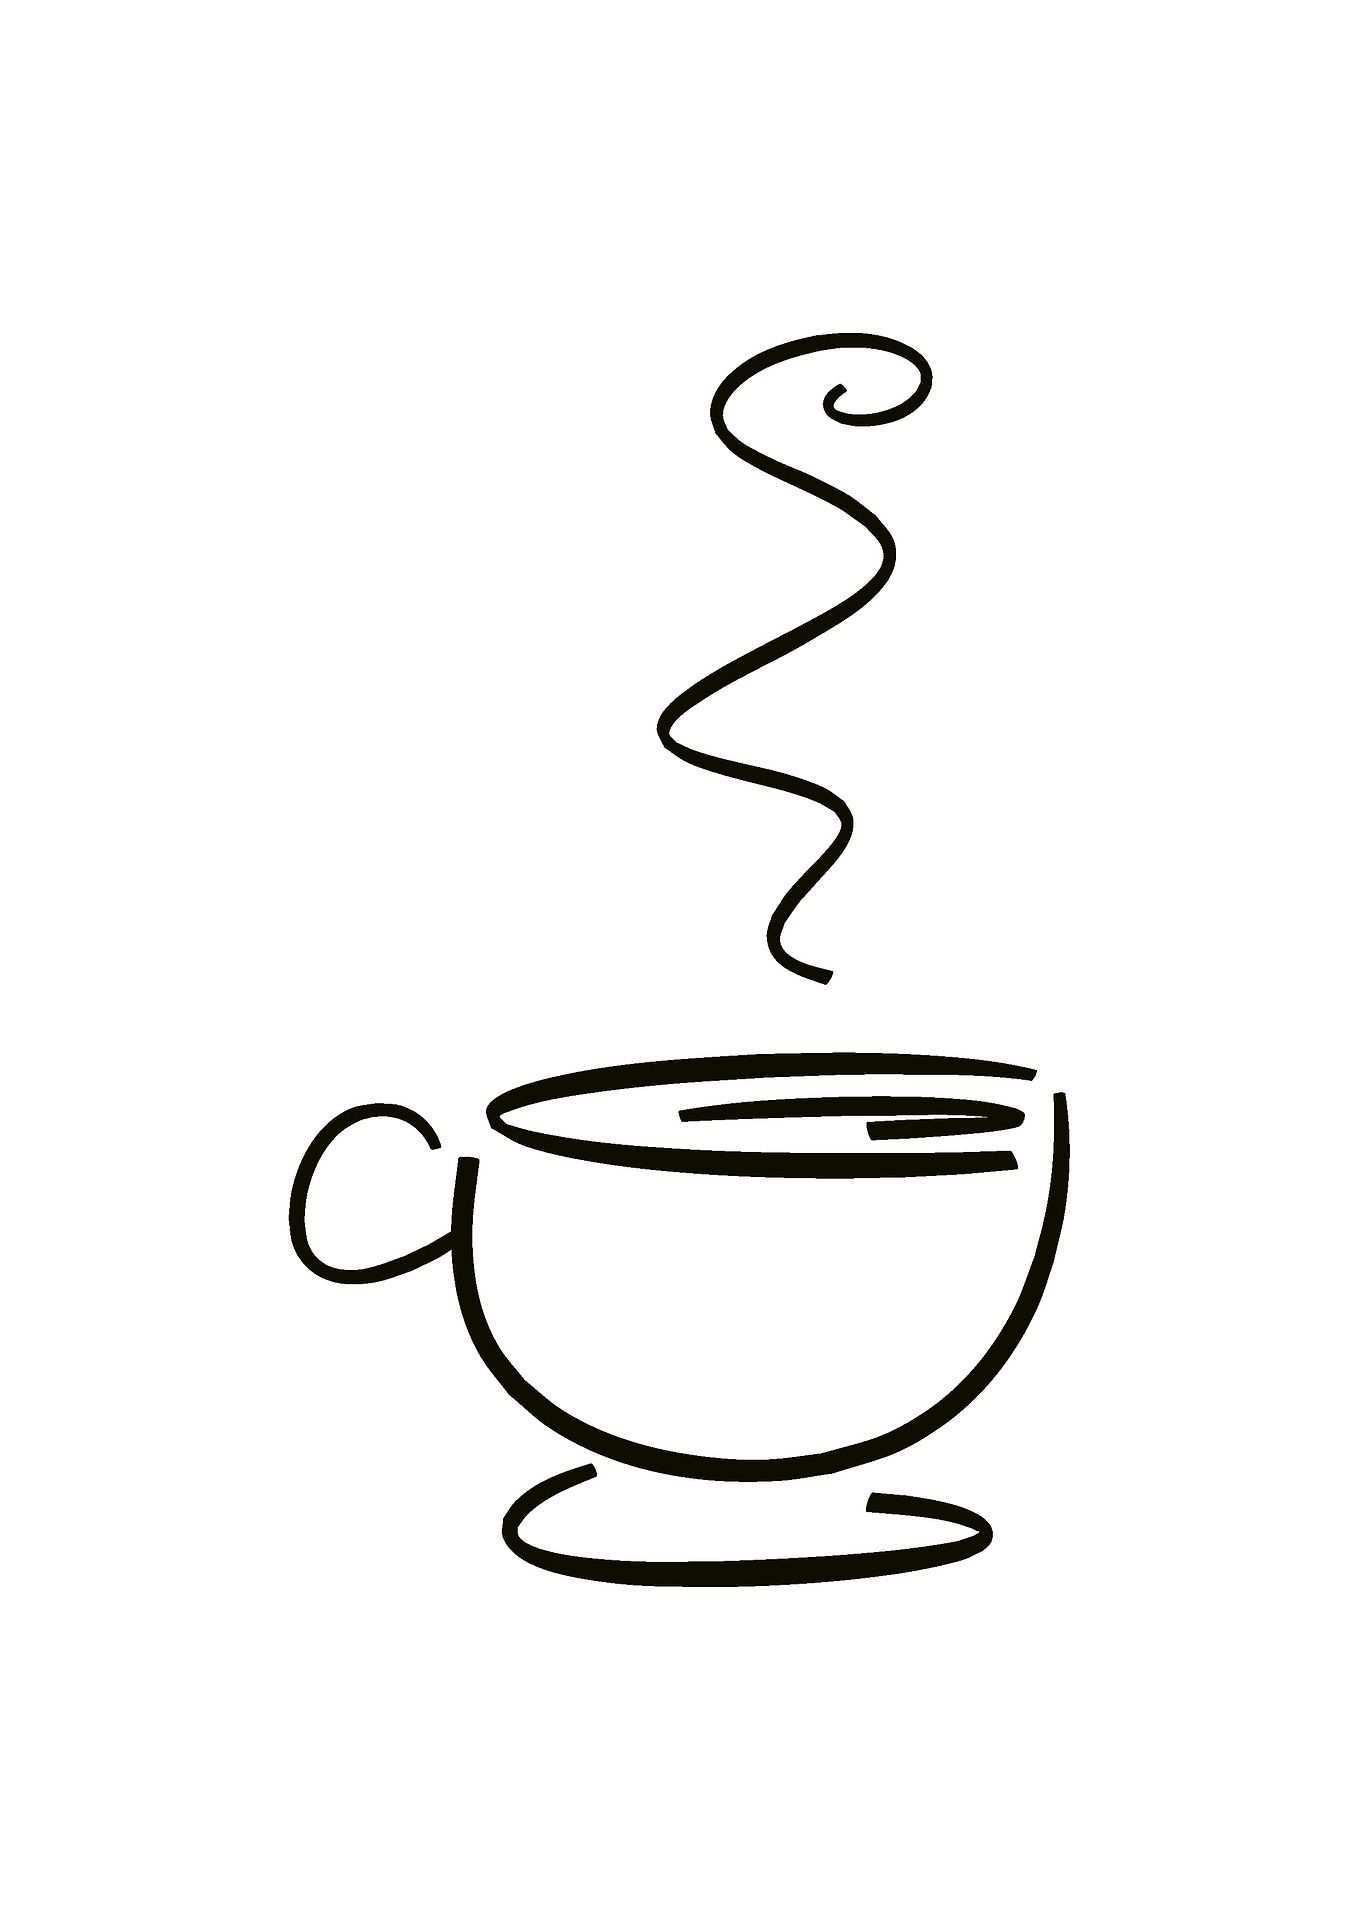 Kostenlose Brandmalerei Vorlagen Brandmalkolben Avec Blumen Aus Holz Vorlagen Et Coffee 1003185 1920 11 Blumen Aus Holz Vor Brandmalerei Malerei Brandmalkolben